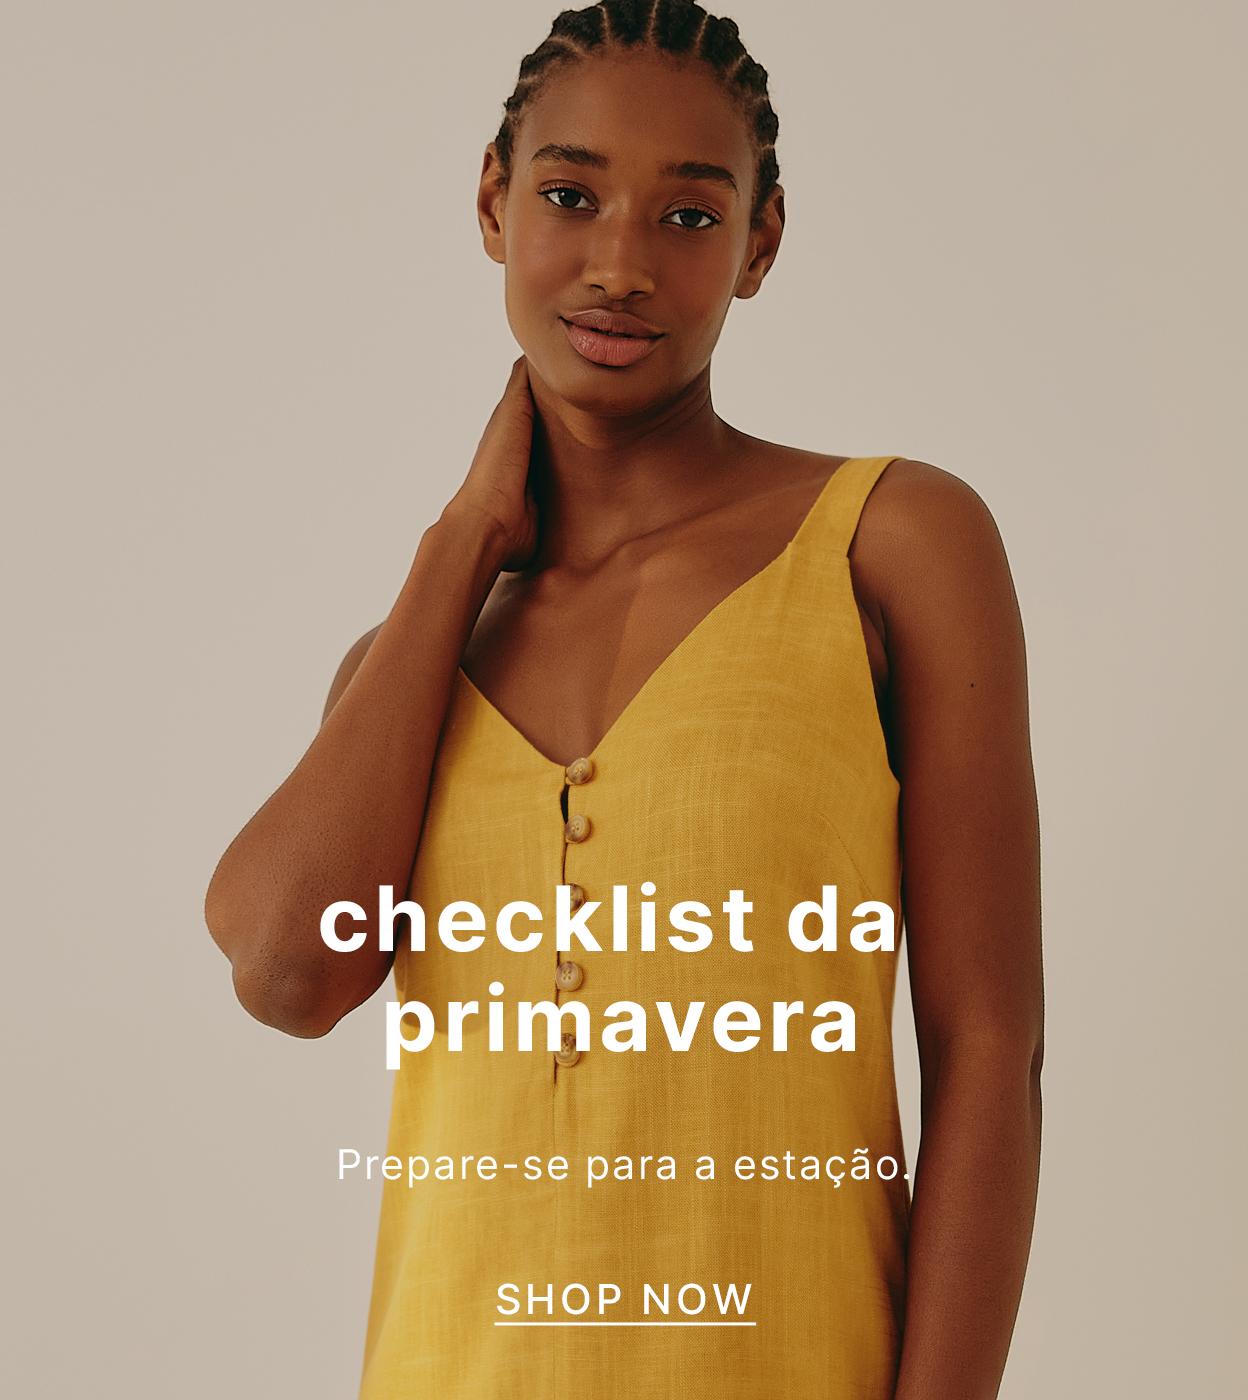 Checklist Primavera